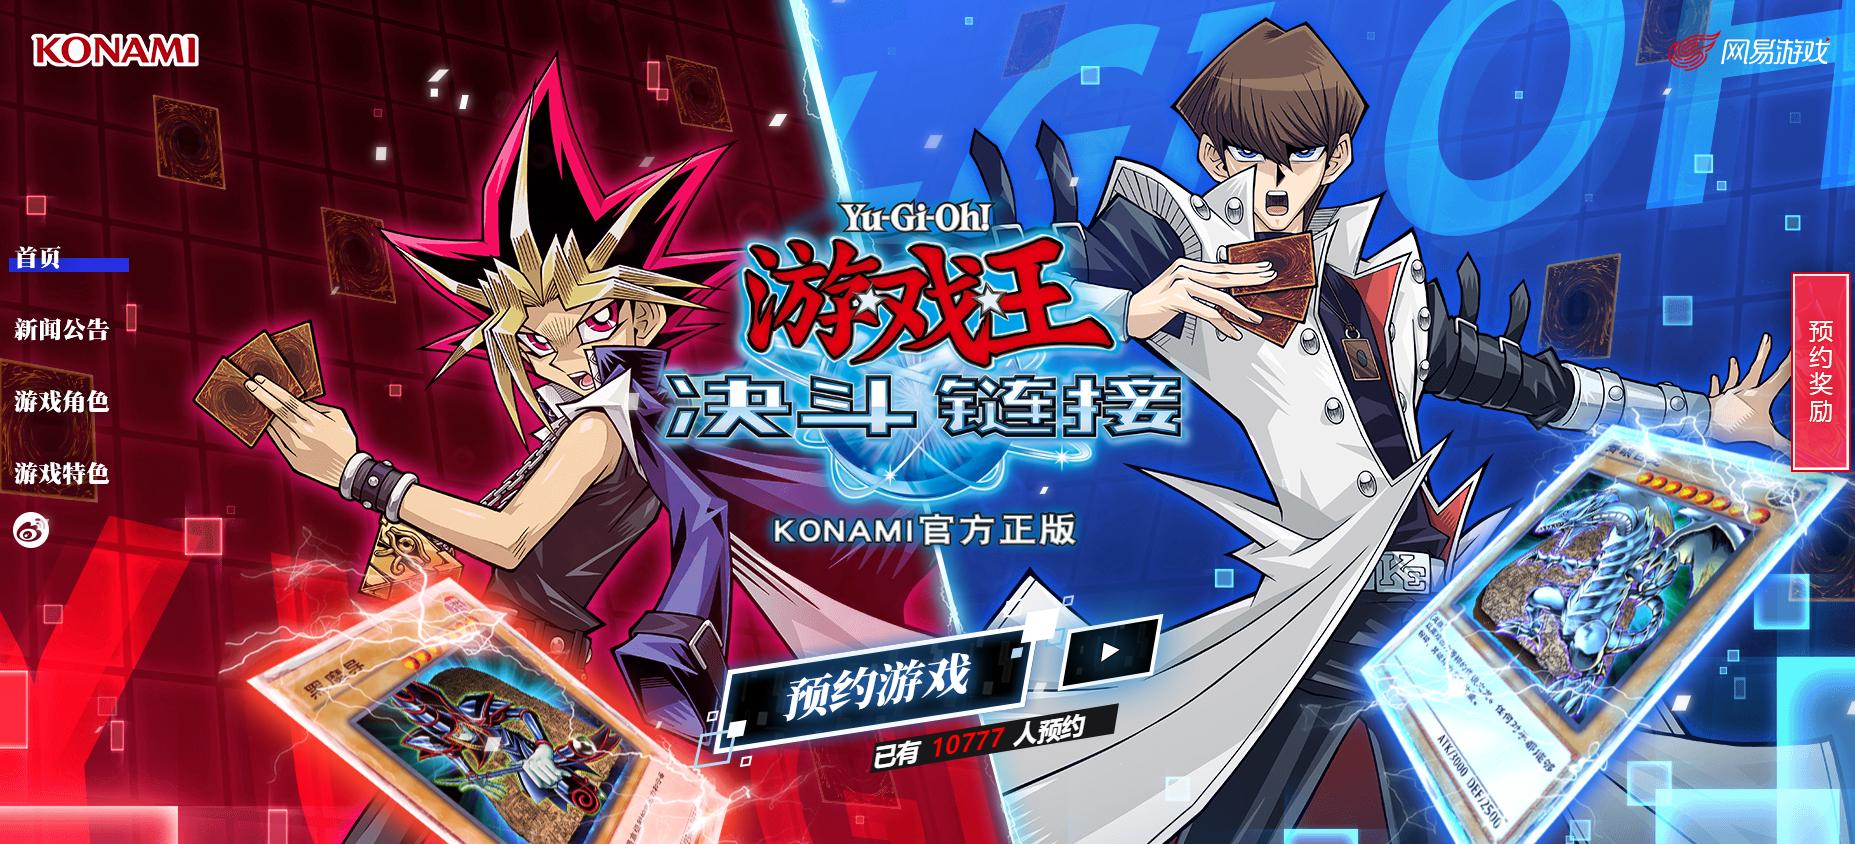 KONAMI公布《游戏王:决斗链接》进入中国 由网易代理国服!